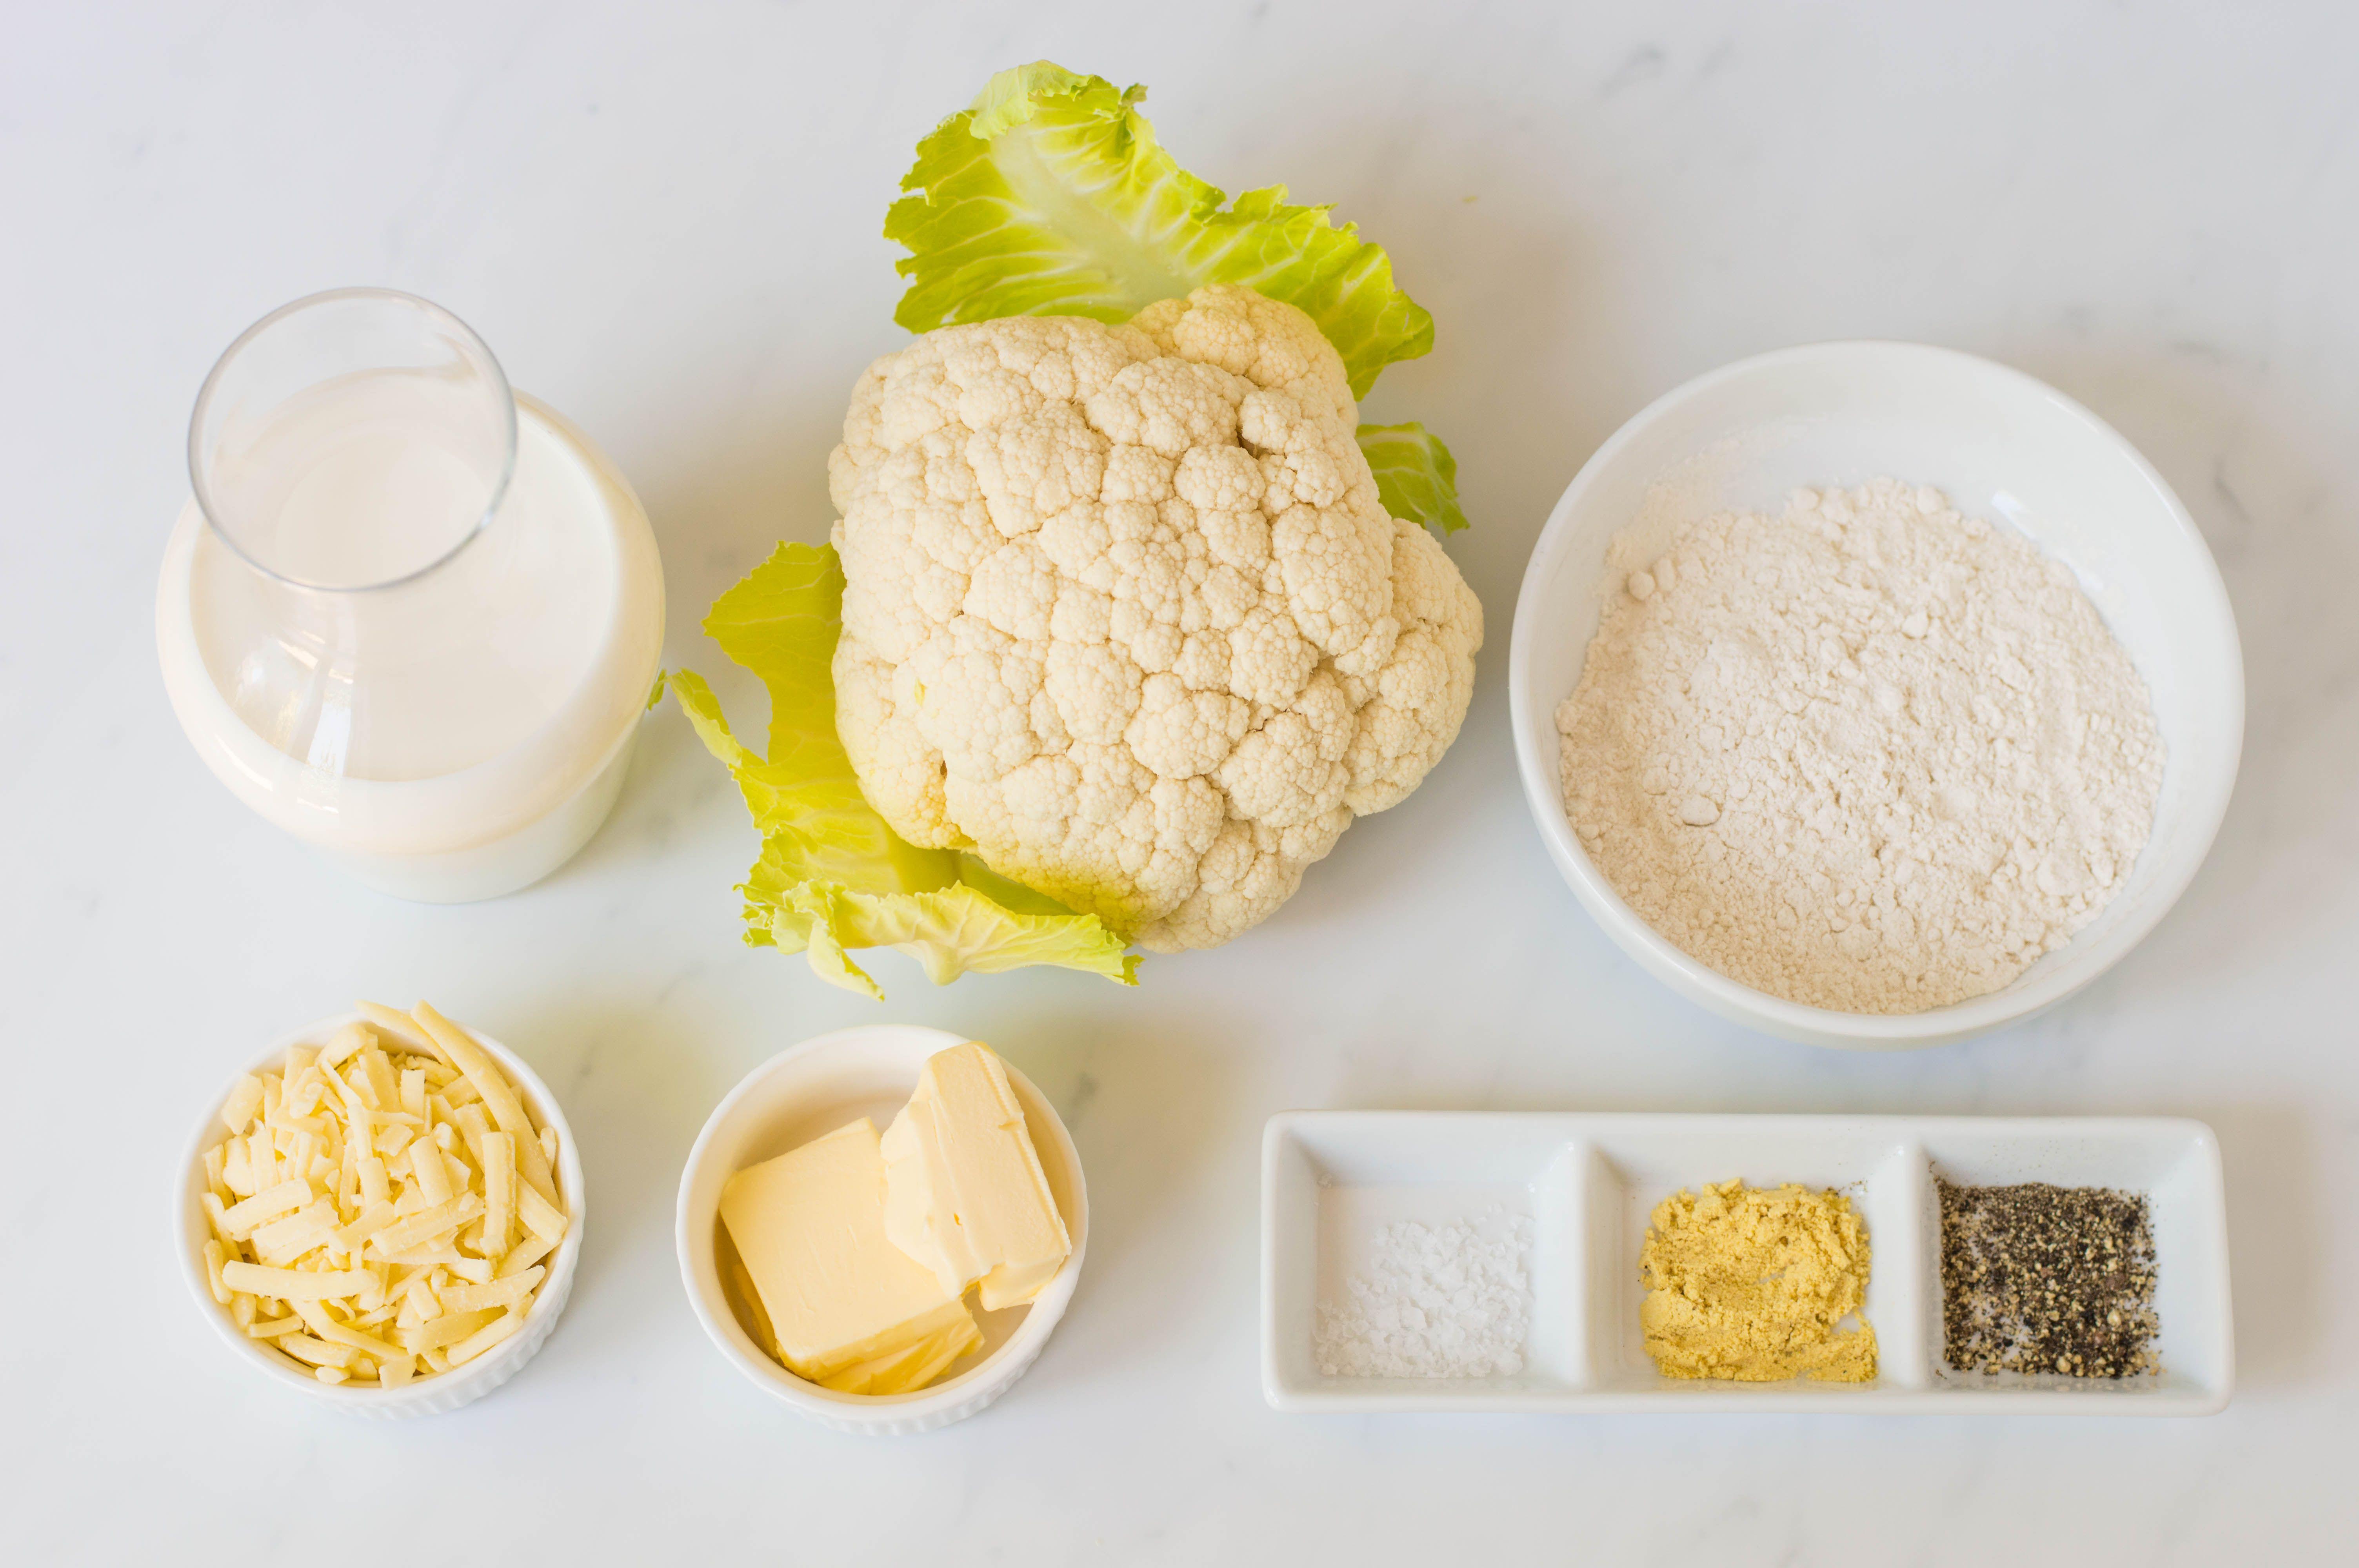 Cauliflower Cheese Recipe Ingredients